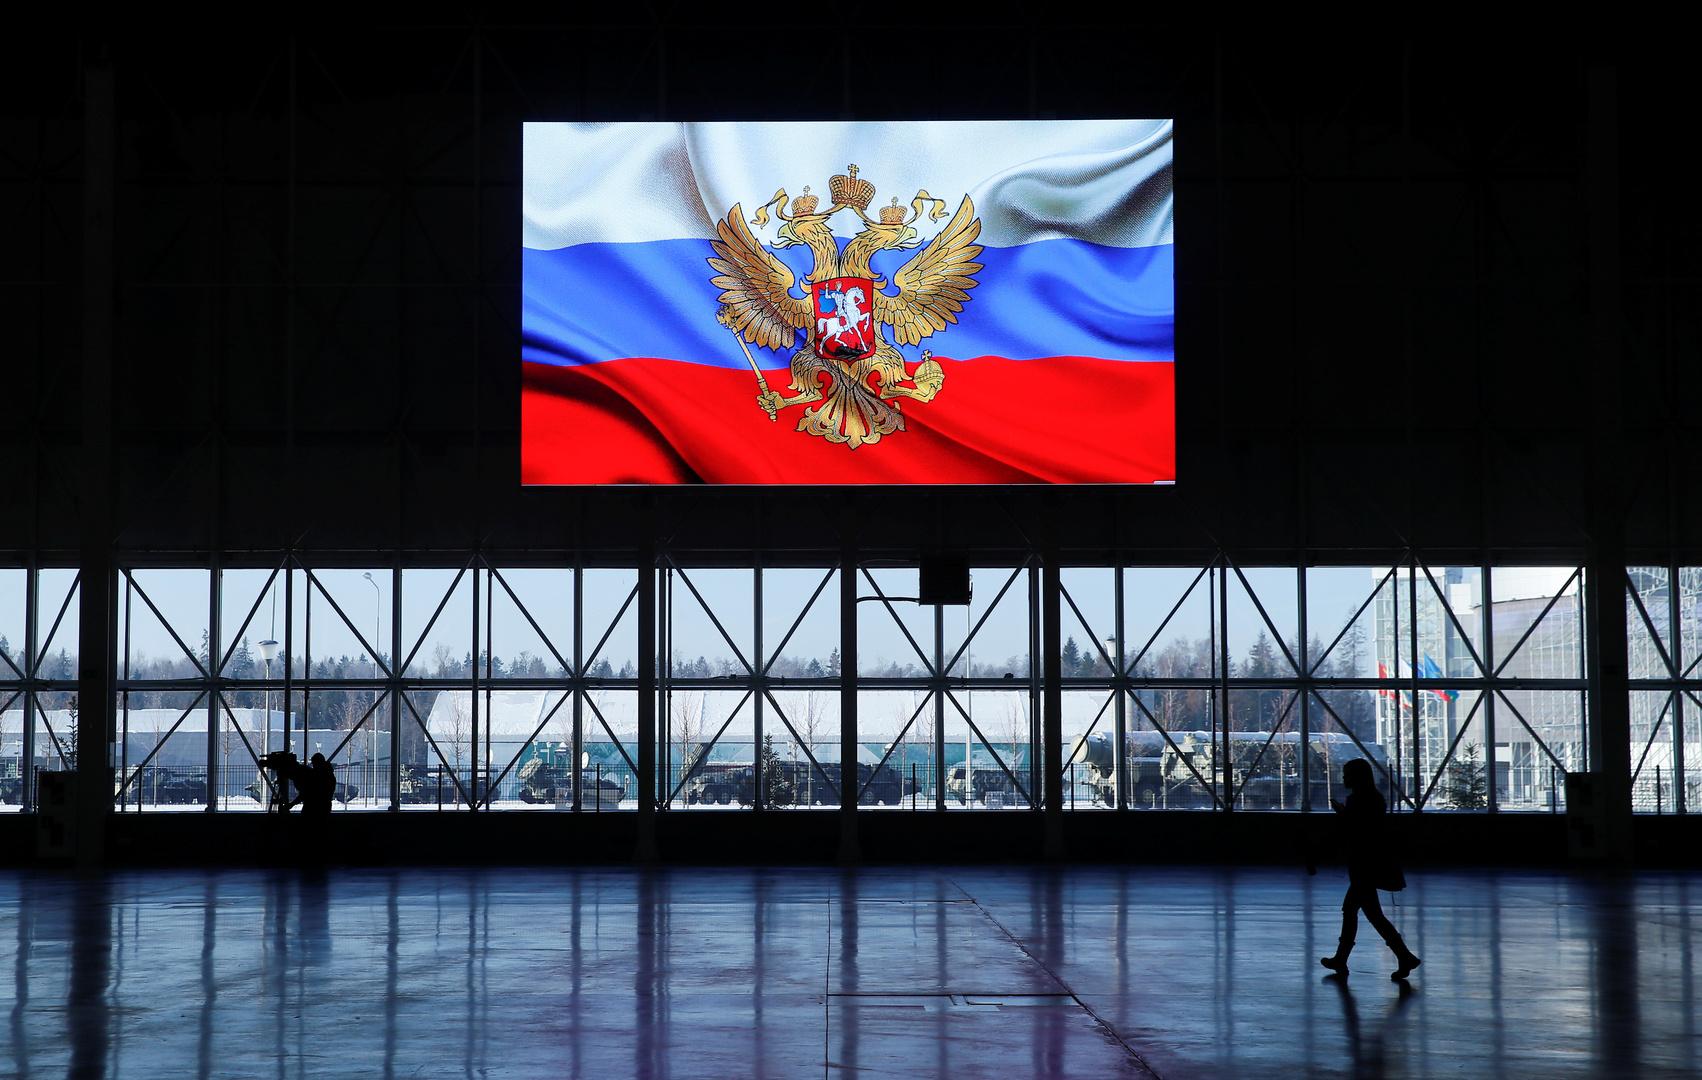 الوضع على حدود روسيا يشبه حالة ما قبل الحرب العالمية الثانية